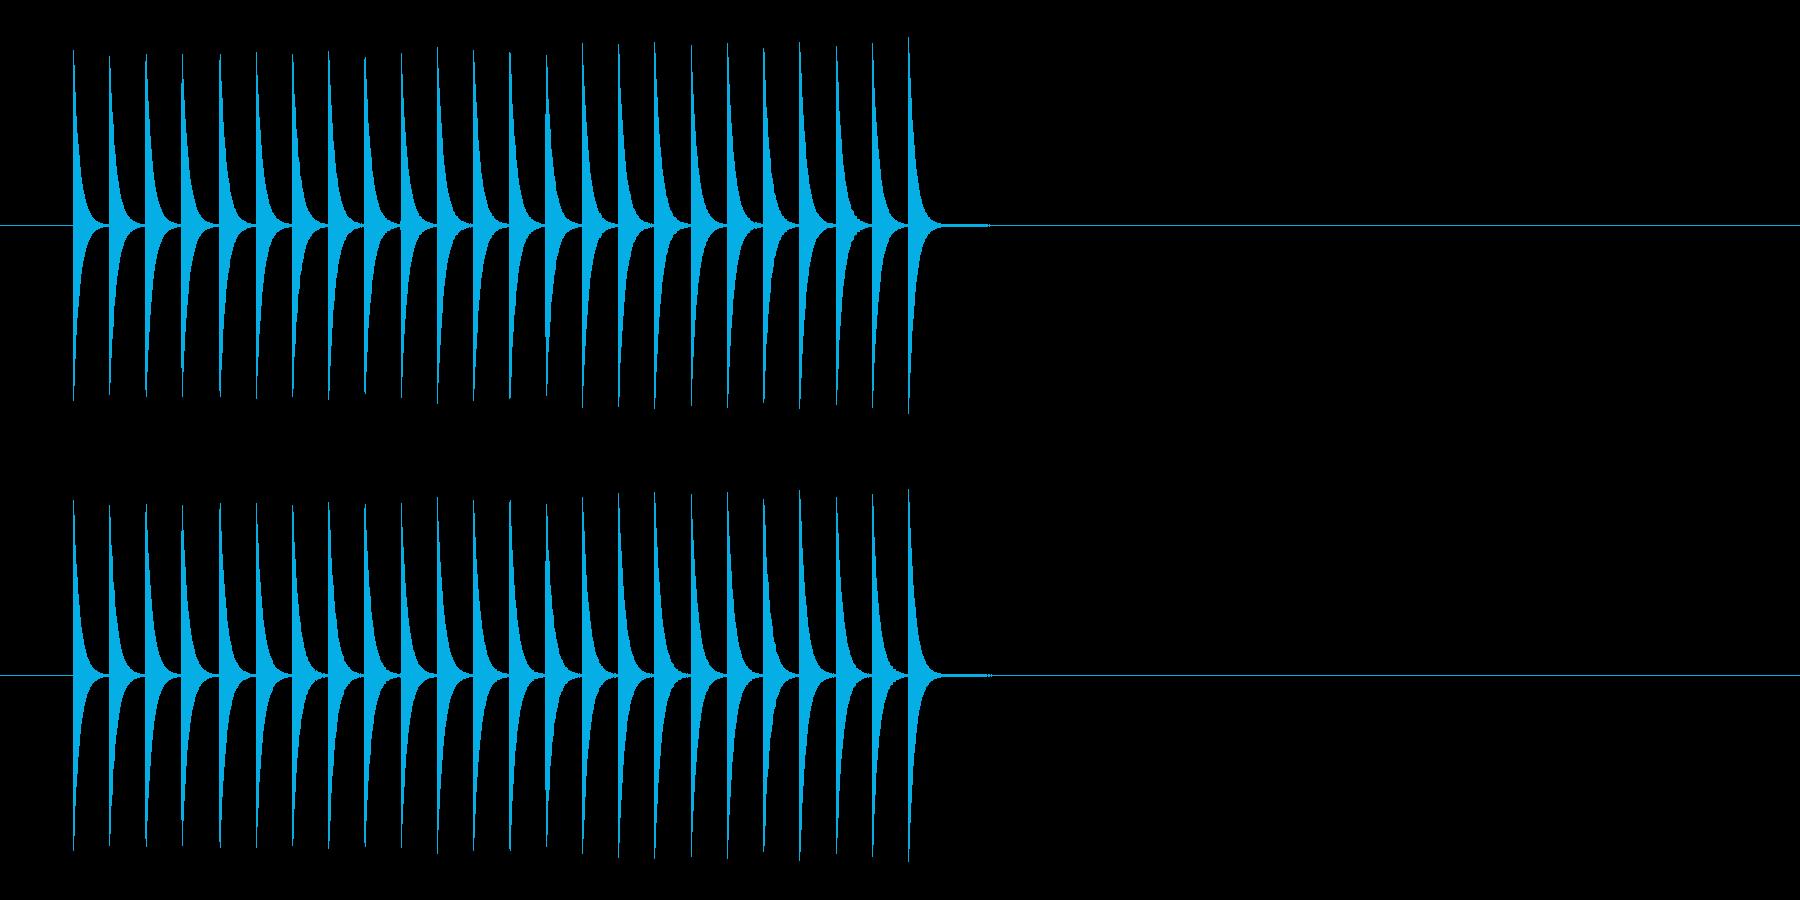 ファミコン ゲームの上昇音の再生済みの波形